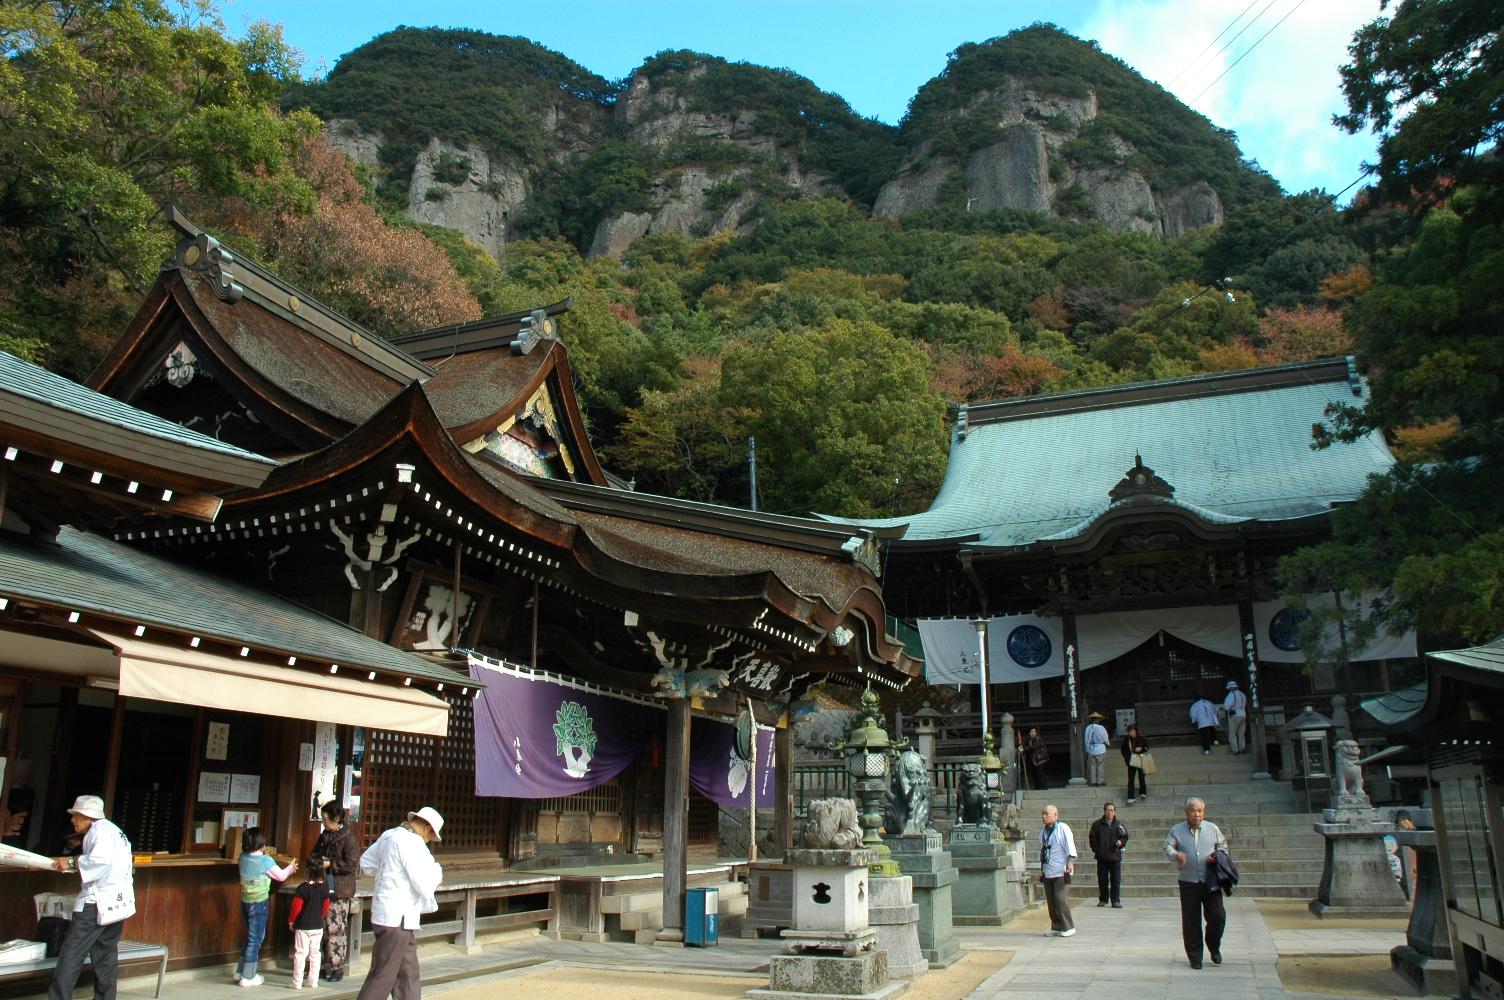 香川・八栗寺はケーブルカーでらくらく参詣!アクセス方法やご利益も紹介!